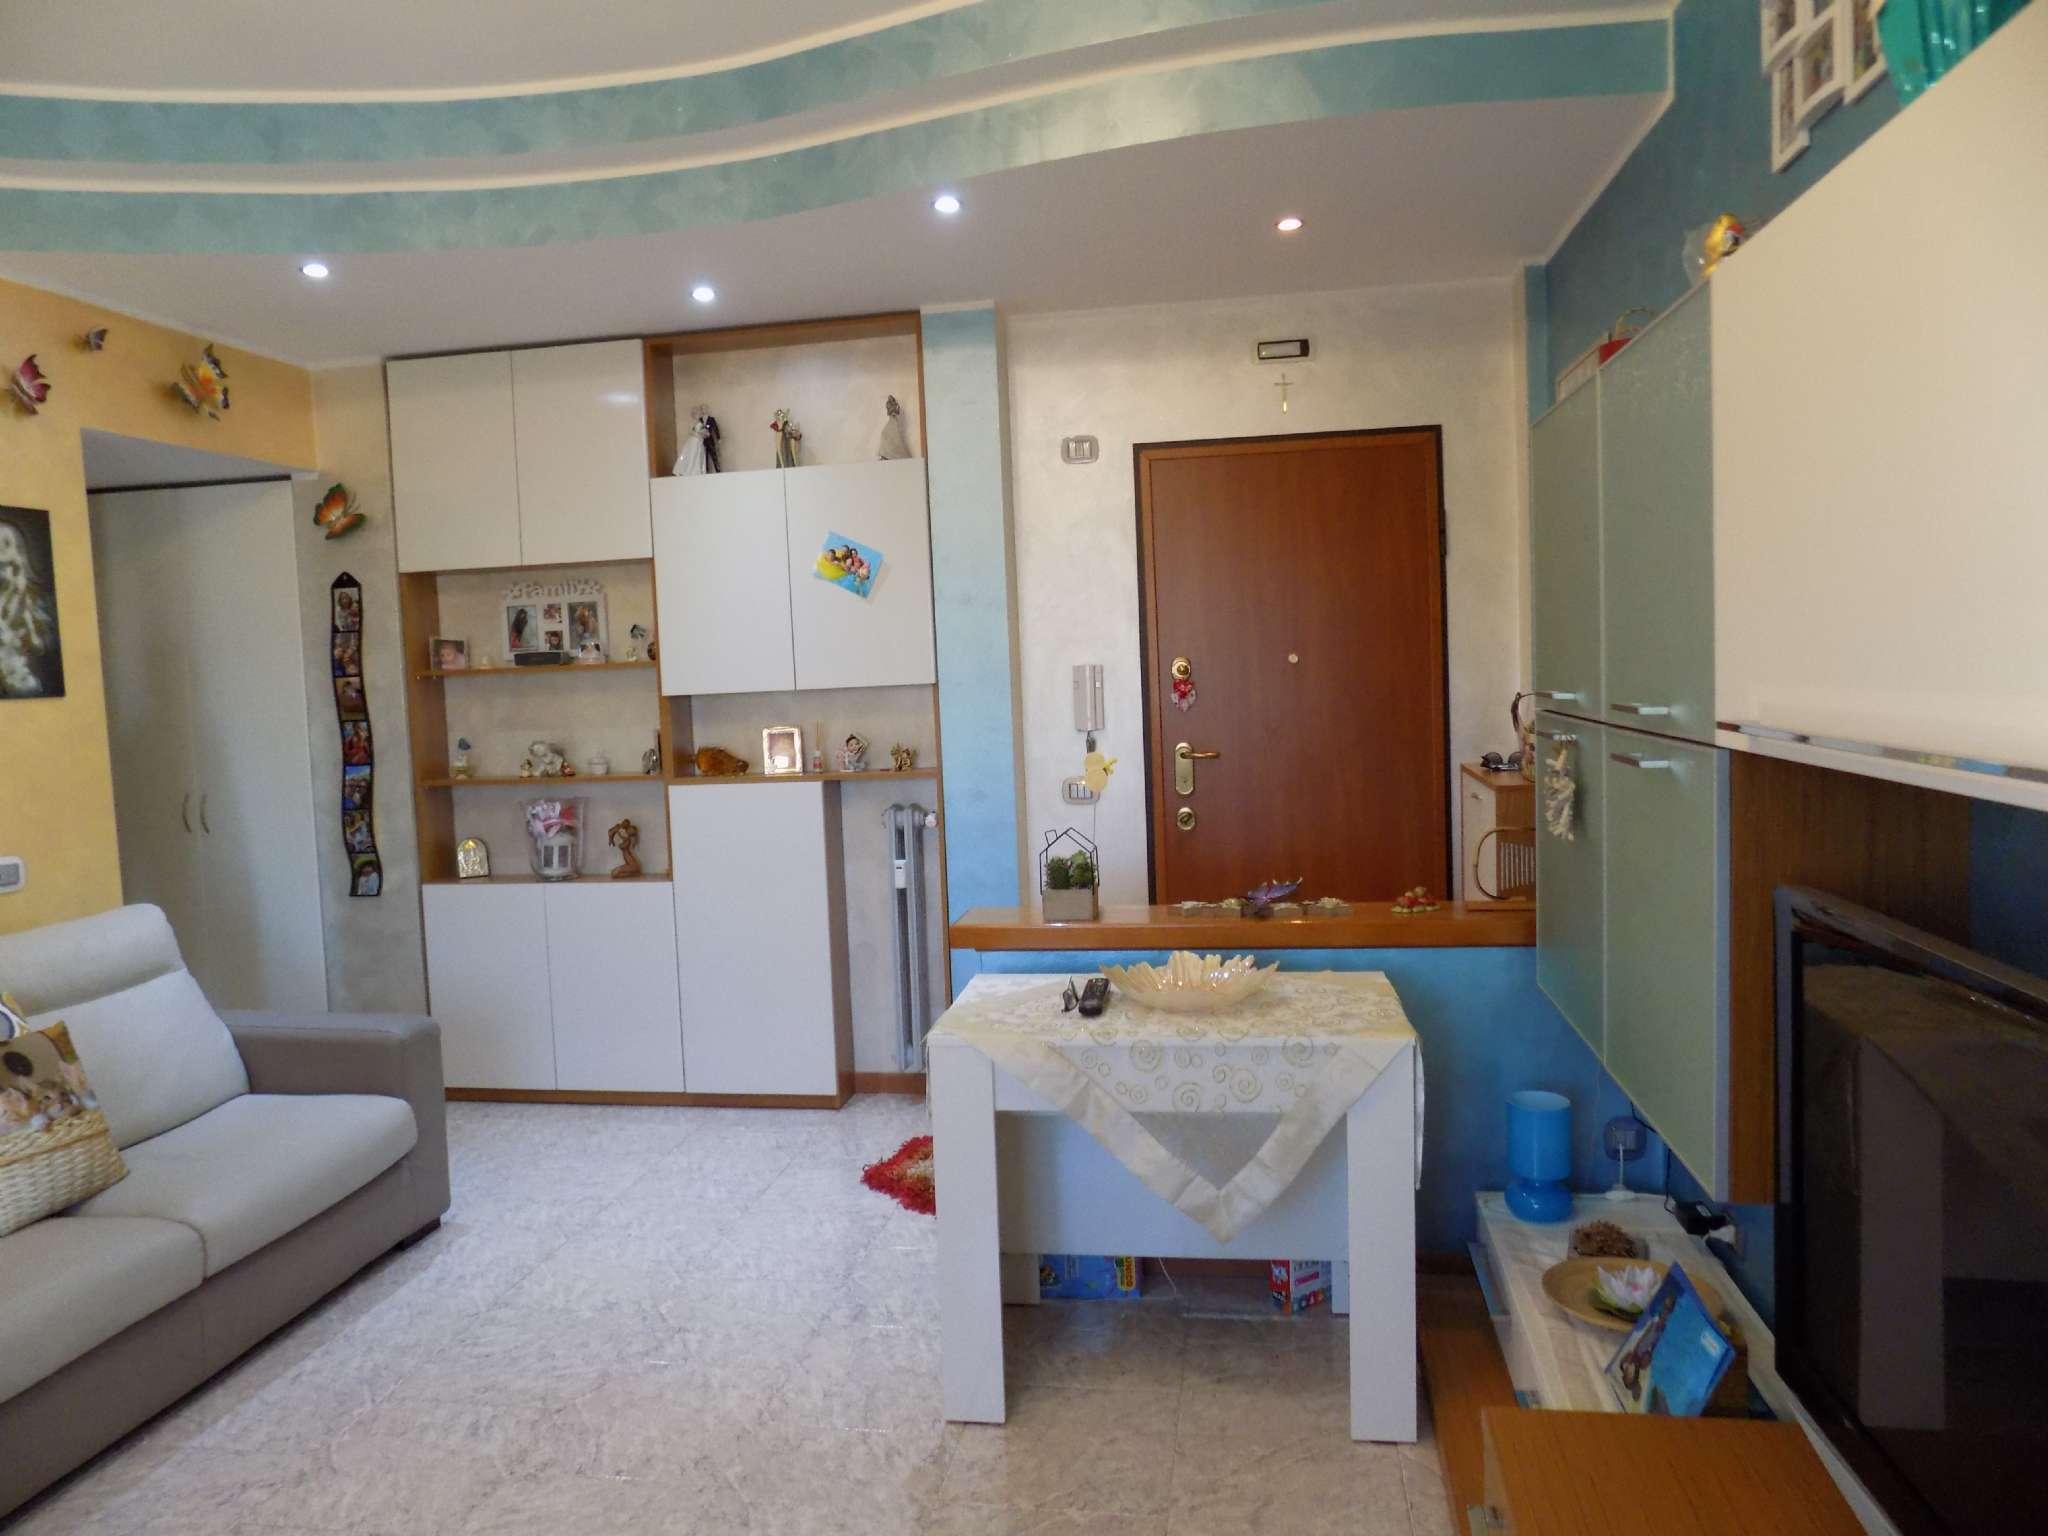 Appartamento in vendita a Senago, 2 locali, prezzo € 84.000 | CambioCasa.it